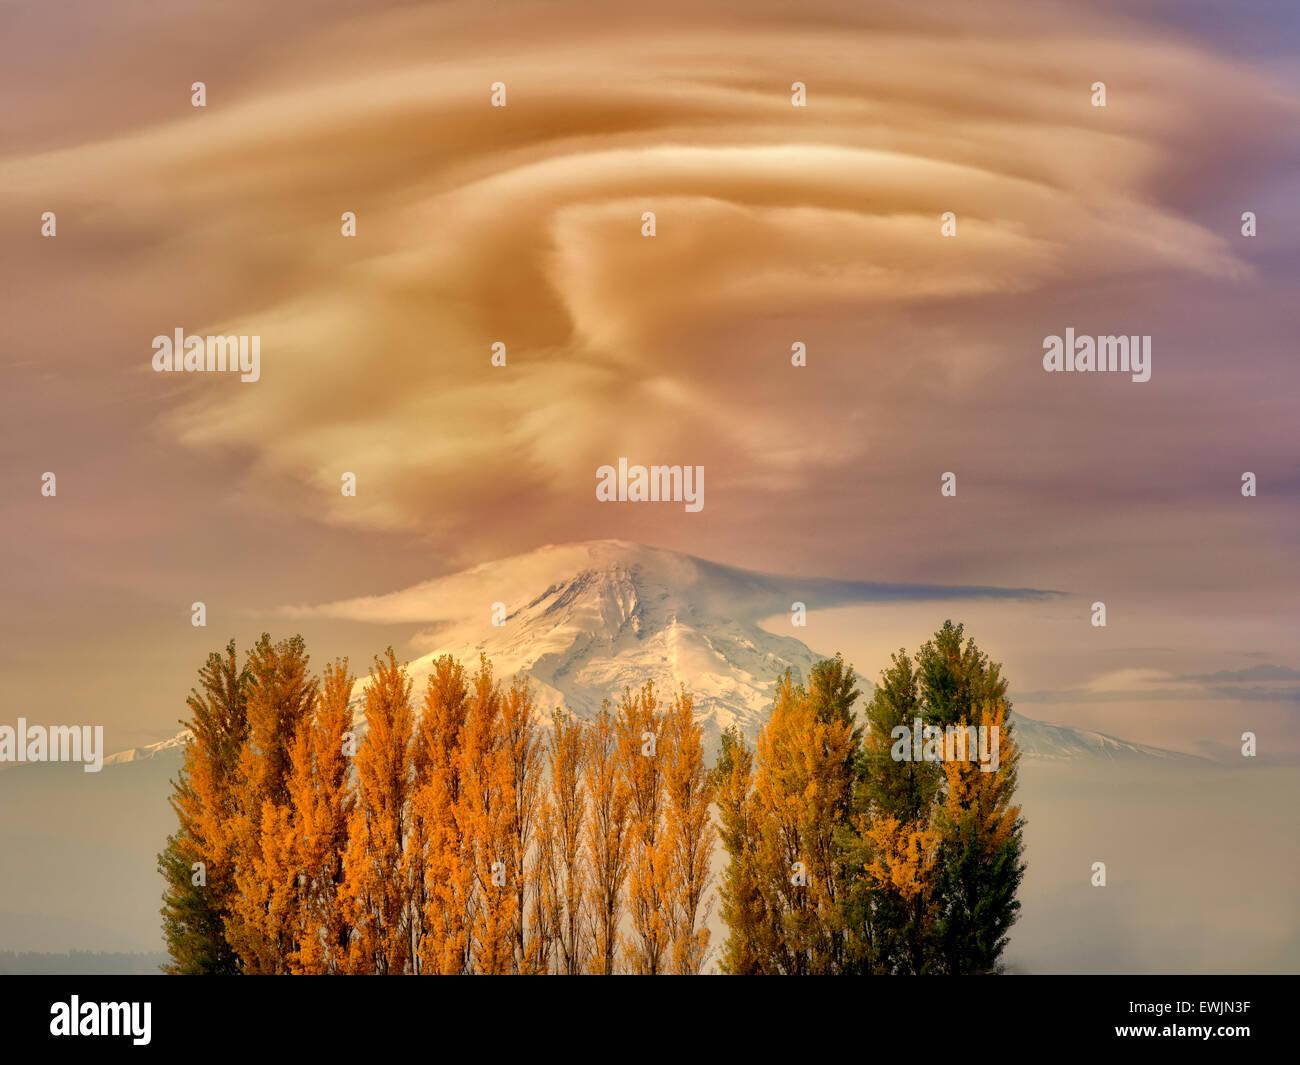 Mt. Cofano e caduta pioppi neri americani colorati alberi. La Columbia River Gorge Natioanl Scenic Area, Washington Immagini Stock